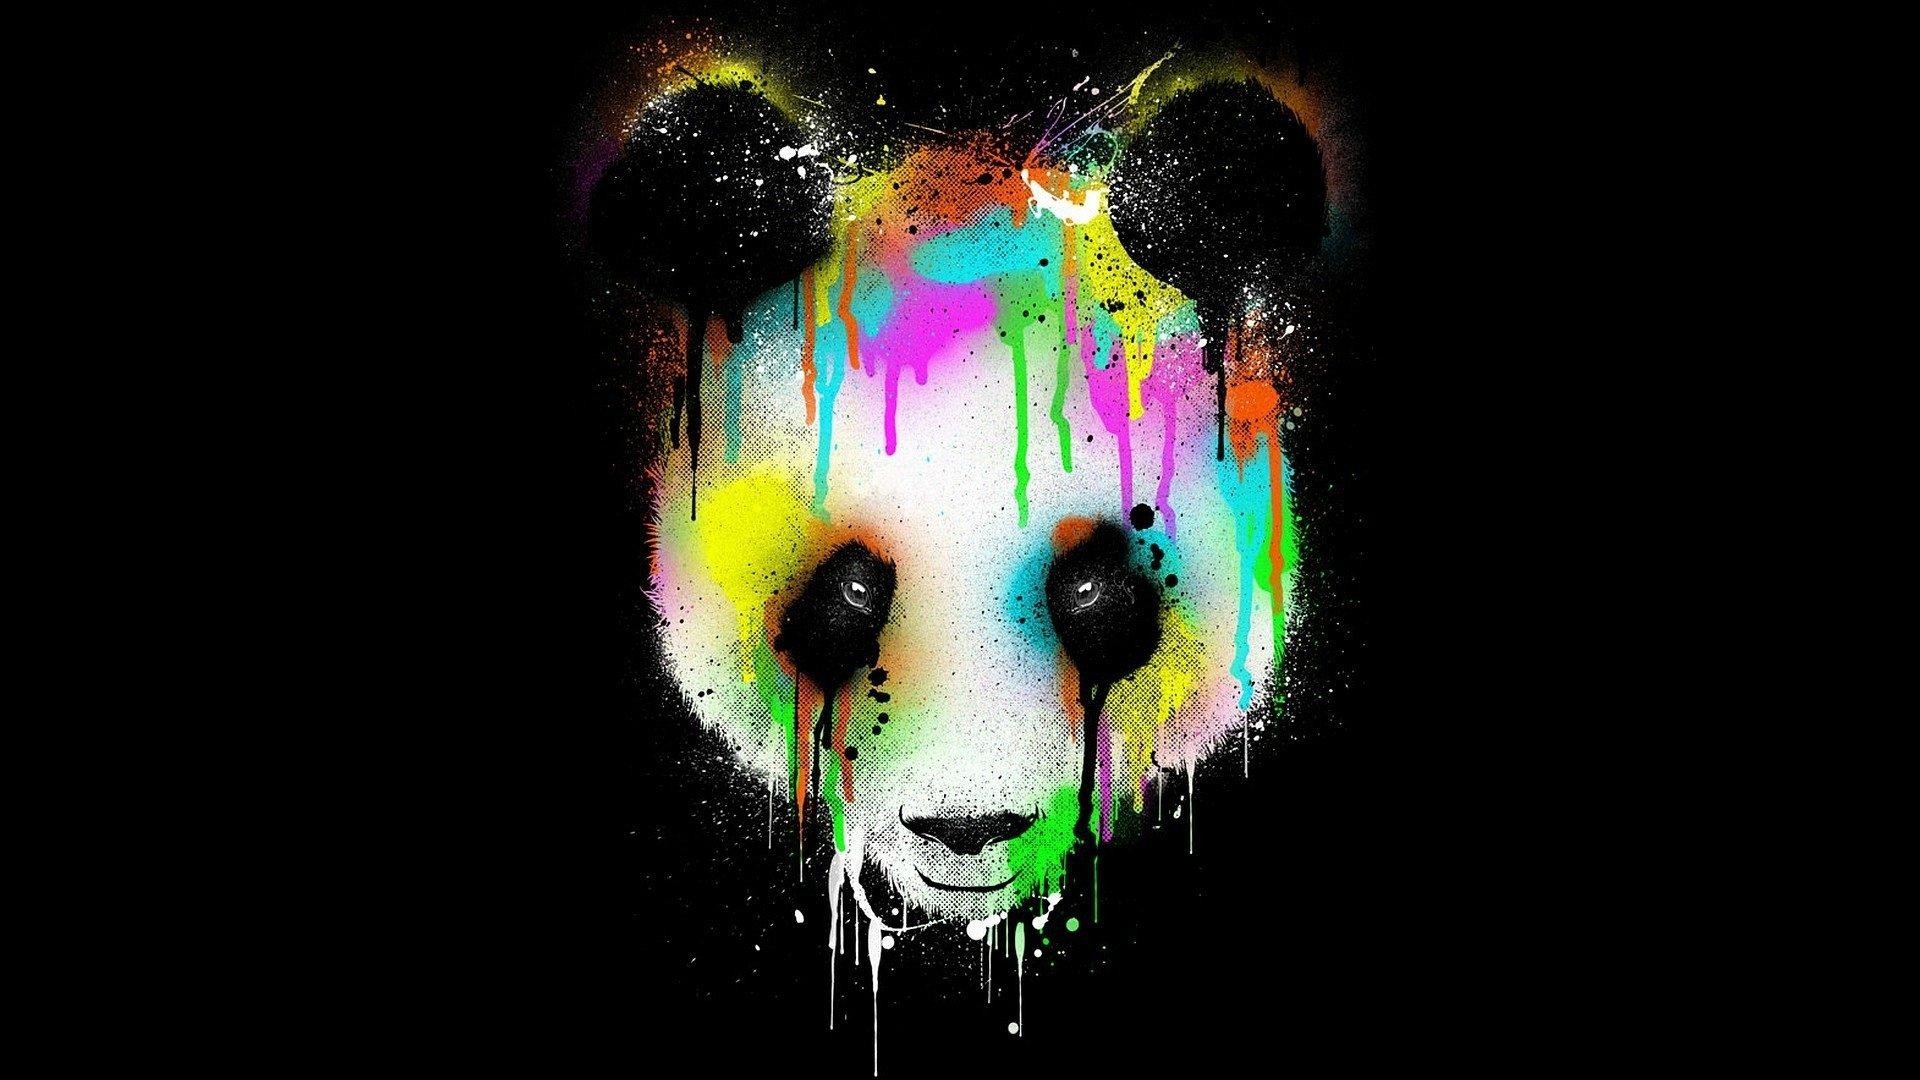 Colorful Tree Panda Song Wallpaper Wallpapersafari